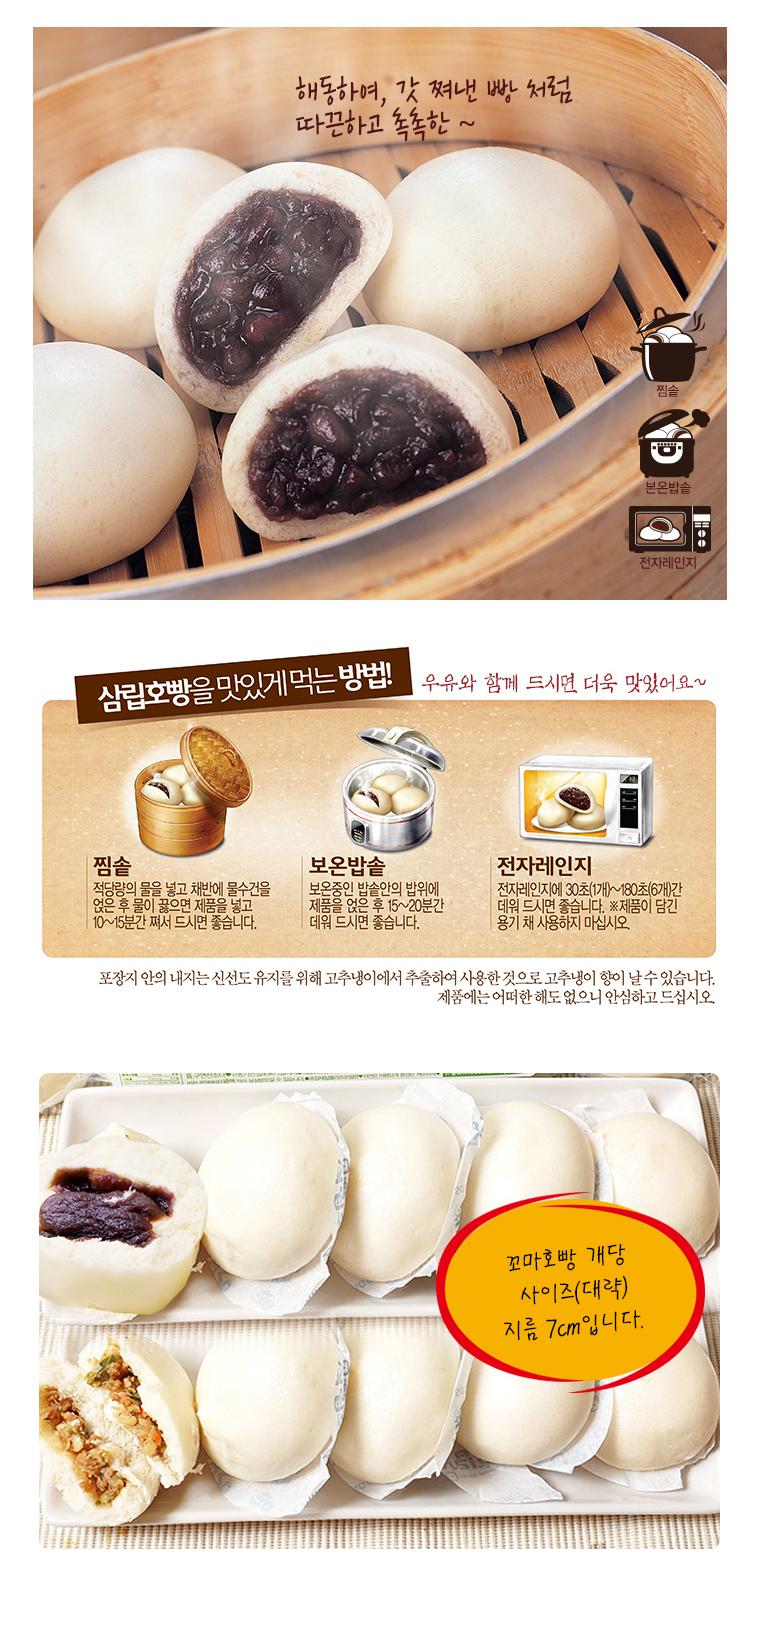 [명예의전당] 삼립 꼬마호빵 10개 - 상세정보